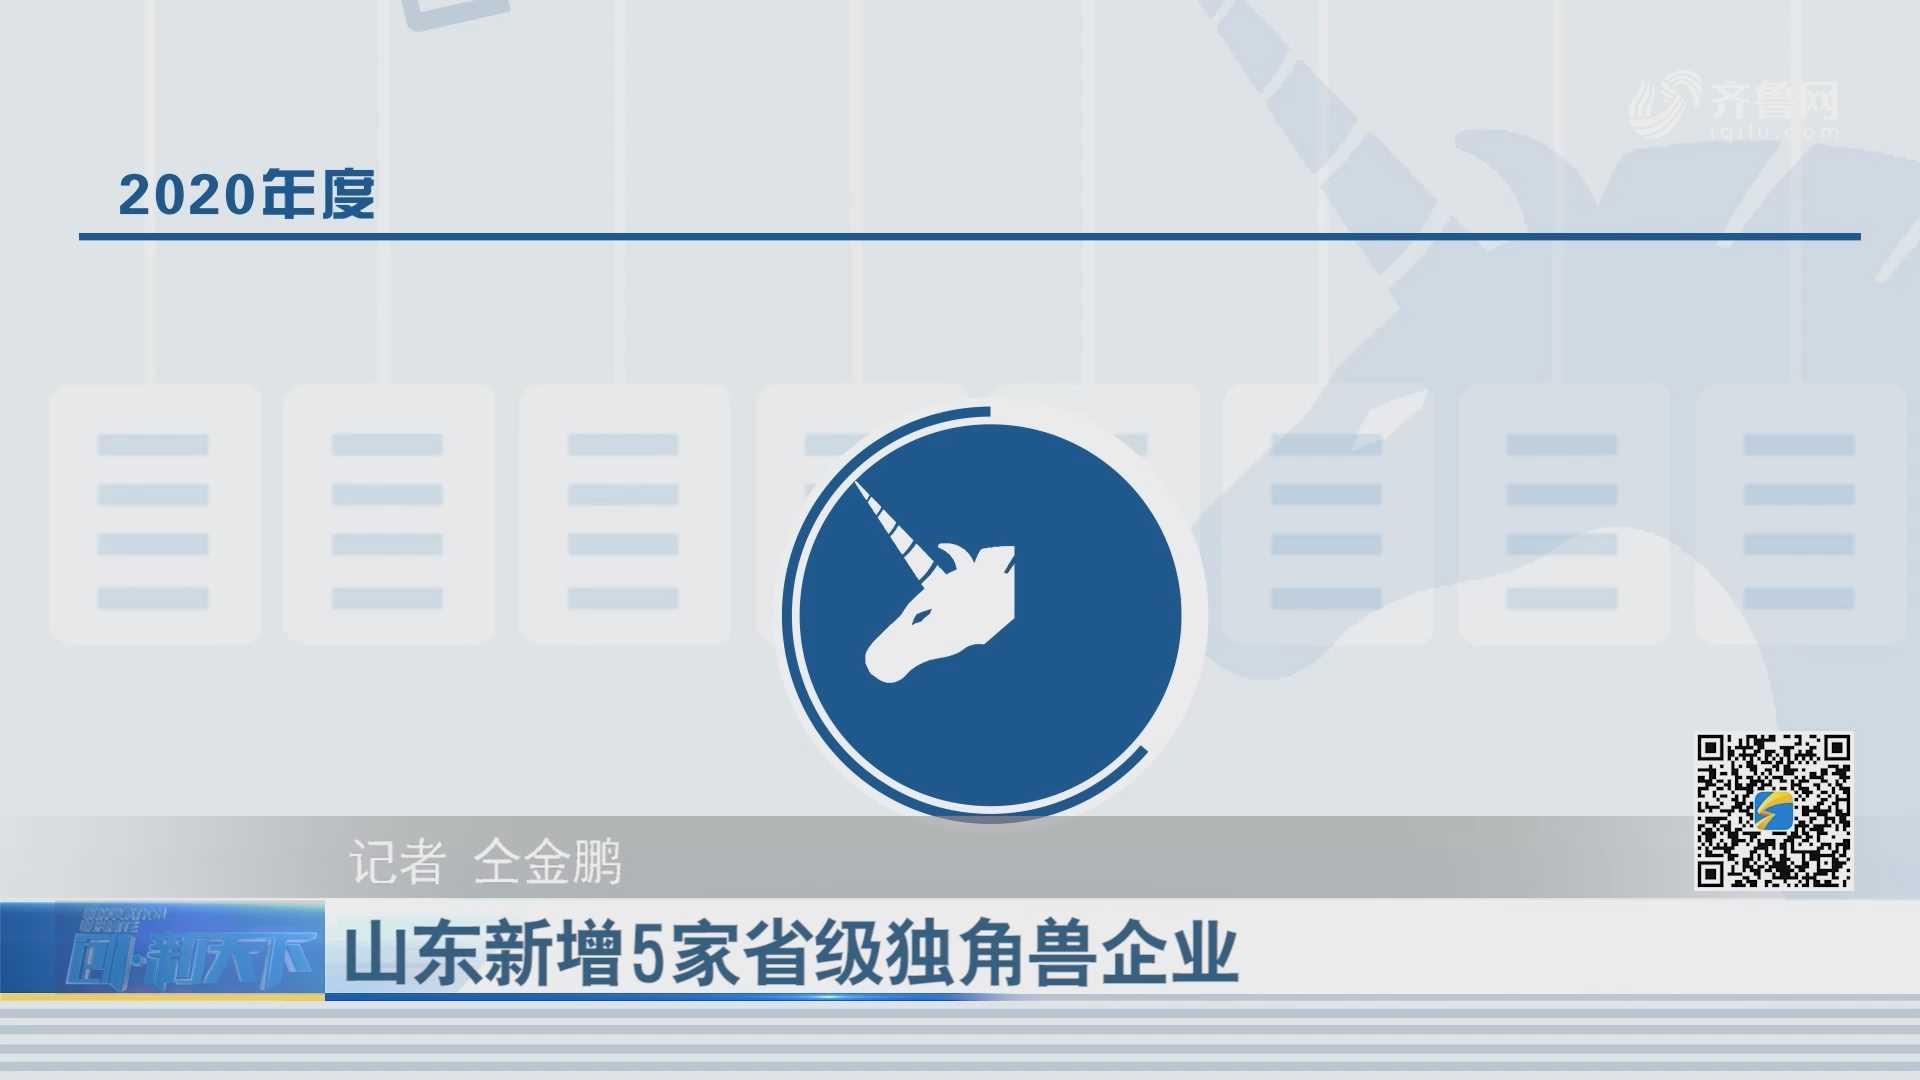 山东新增5家省级独角兽企业